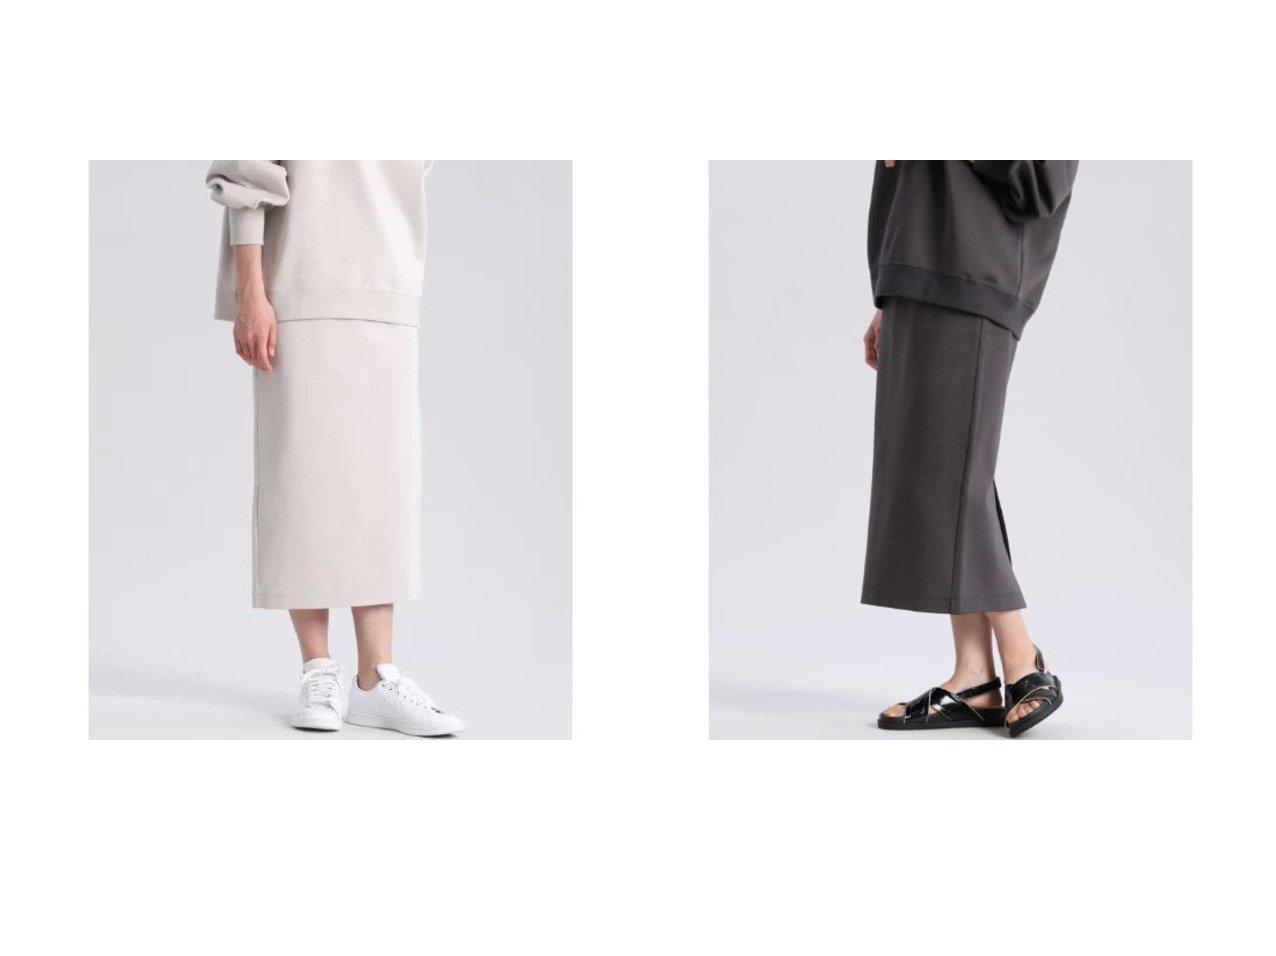 【I.T.'S. international/イッツインターナショナル】のタイトカットソースカート スカートのおすすめ!人気、トレンド・レディースファッションの通販 おすすめで人気の流行・トレンド、ファッションの通販商品 メンズファッション・キッズファッション・インテリア・家具・レディースファッション・服の通販 founy(ファニー) https://founy.com/ ファッション Fashion レディースファッション WOMEN スカート Skirt ストレート セットアップ ボトム |ID:crp329100000024728